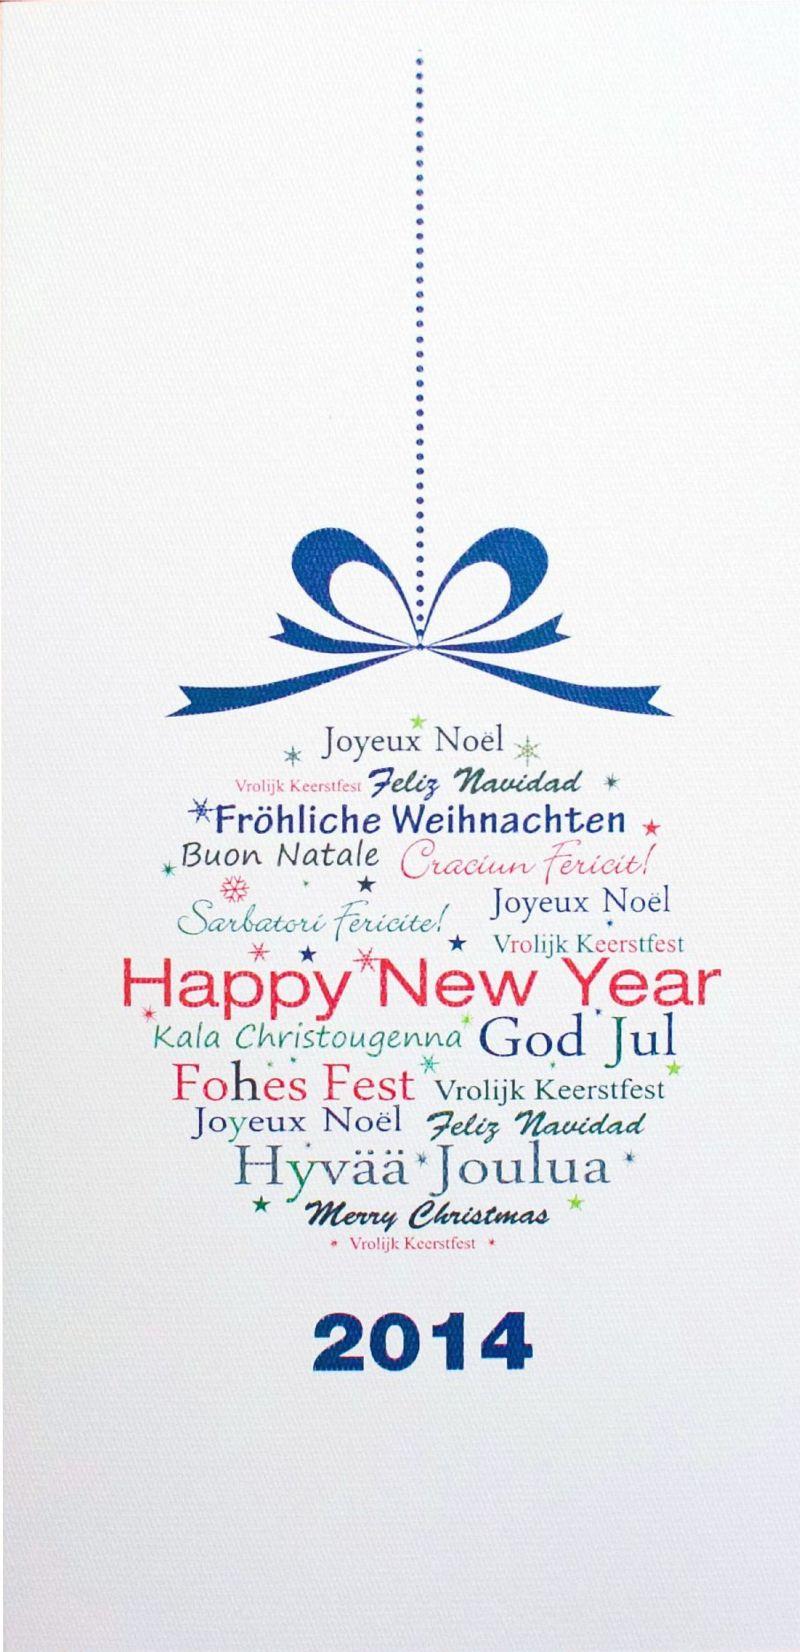 Felicitare de craciun 2014 cu glob albastru - poza 1